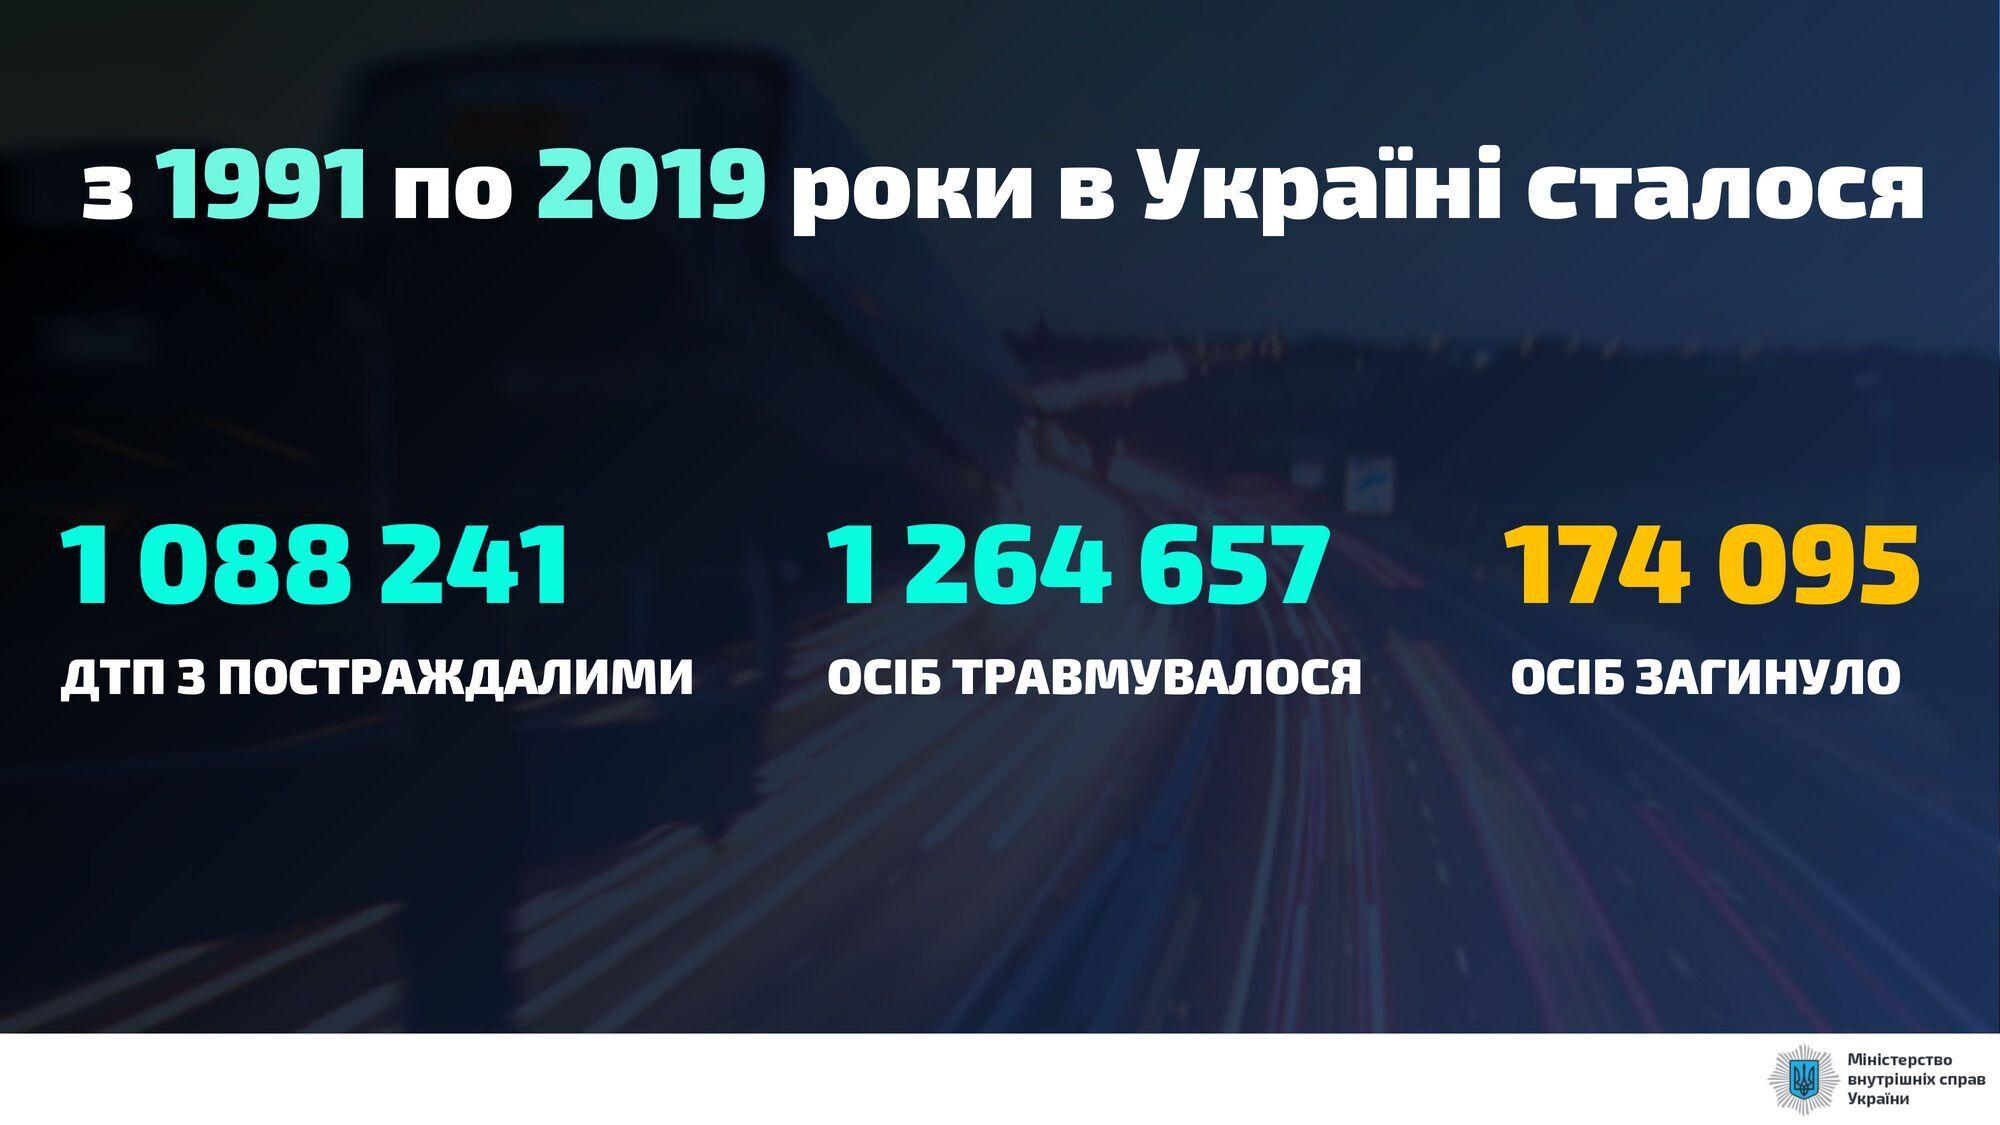 В Украине с 1991 по 2019 год в ДТП погибли 17 495 человек.